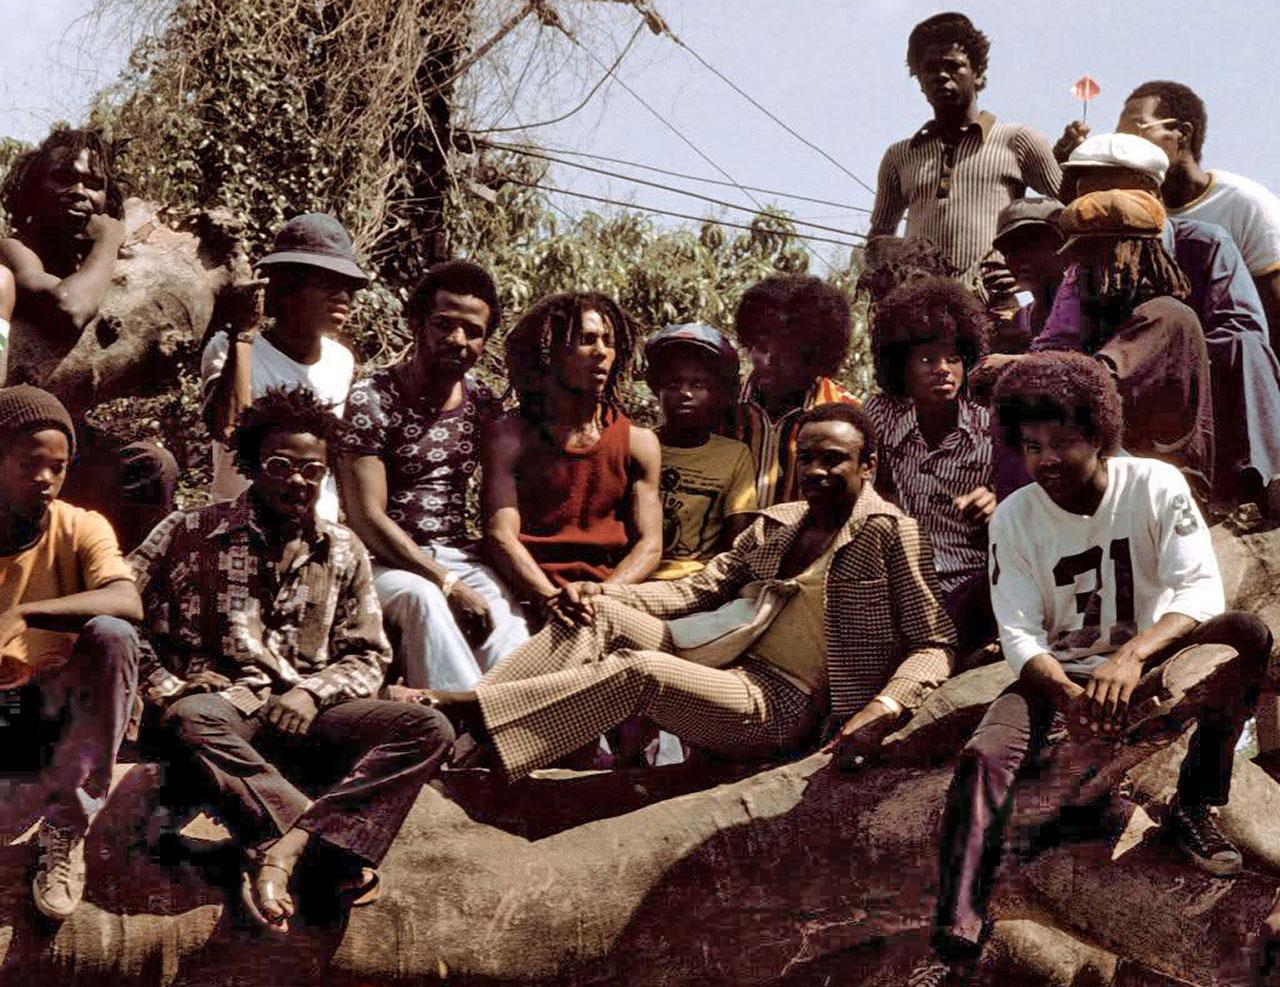 Foto histórica: Bob Marley e Michael Jackson, os reis do reggae e do pop juntos!  |  foto: reprodução internet